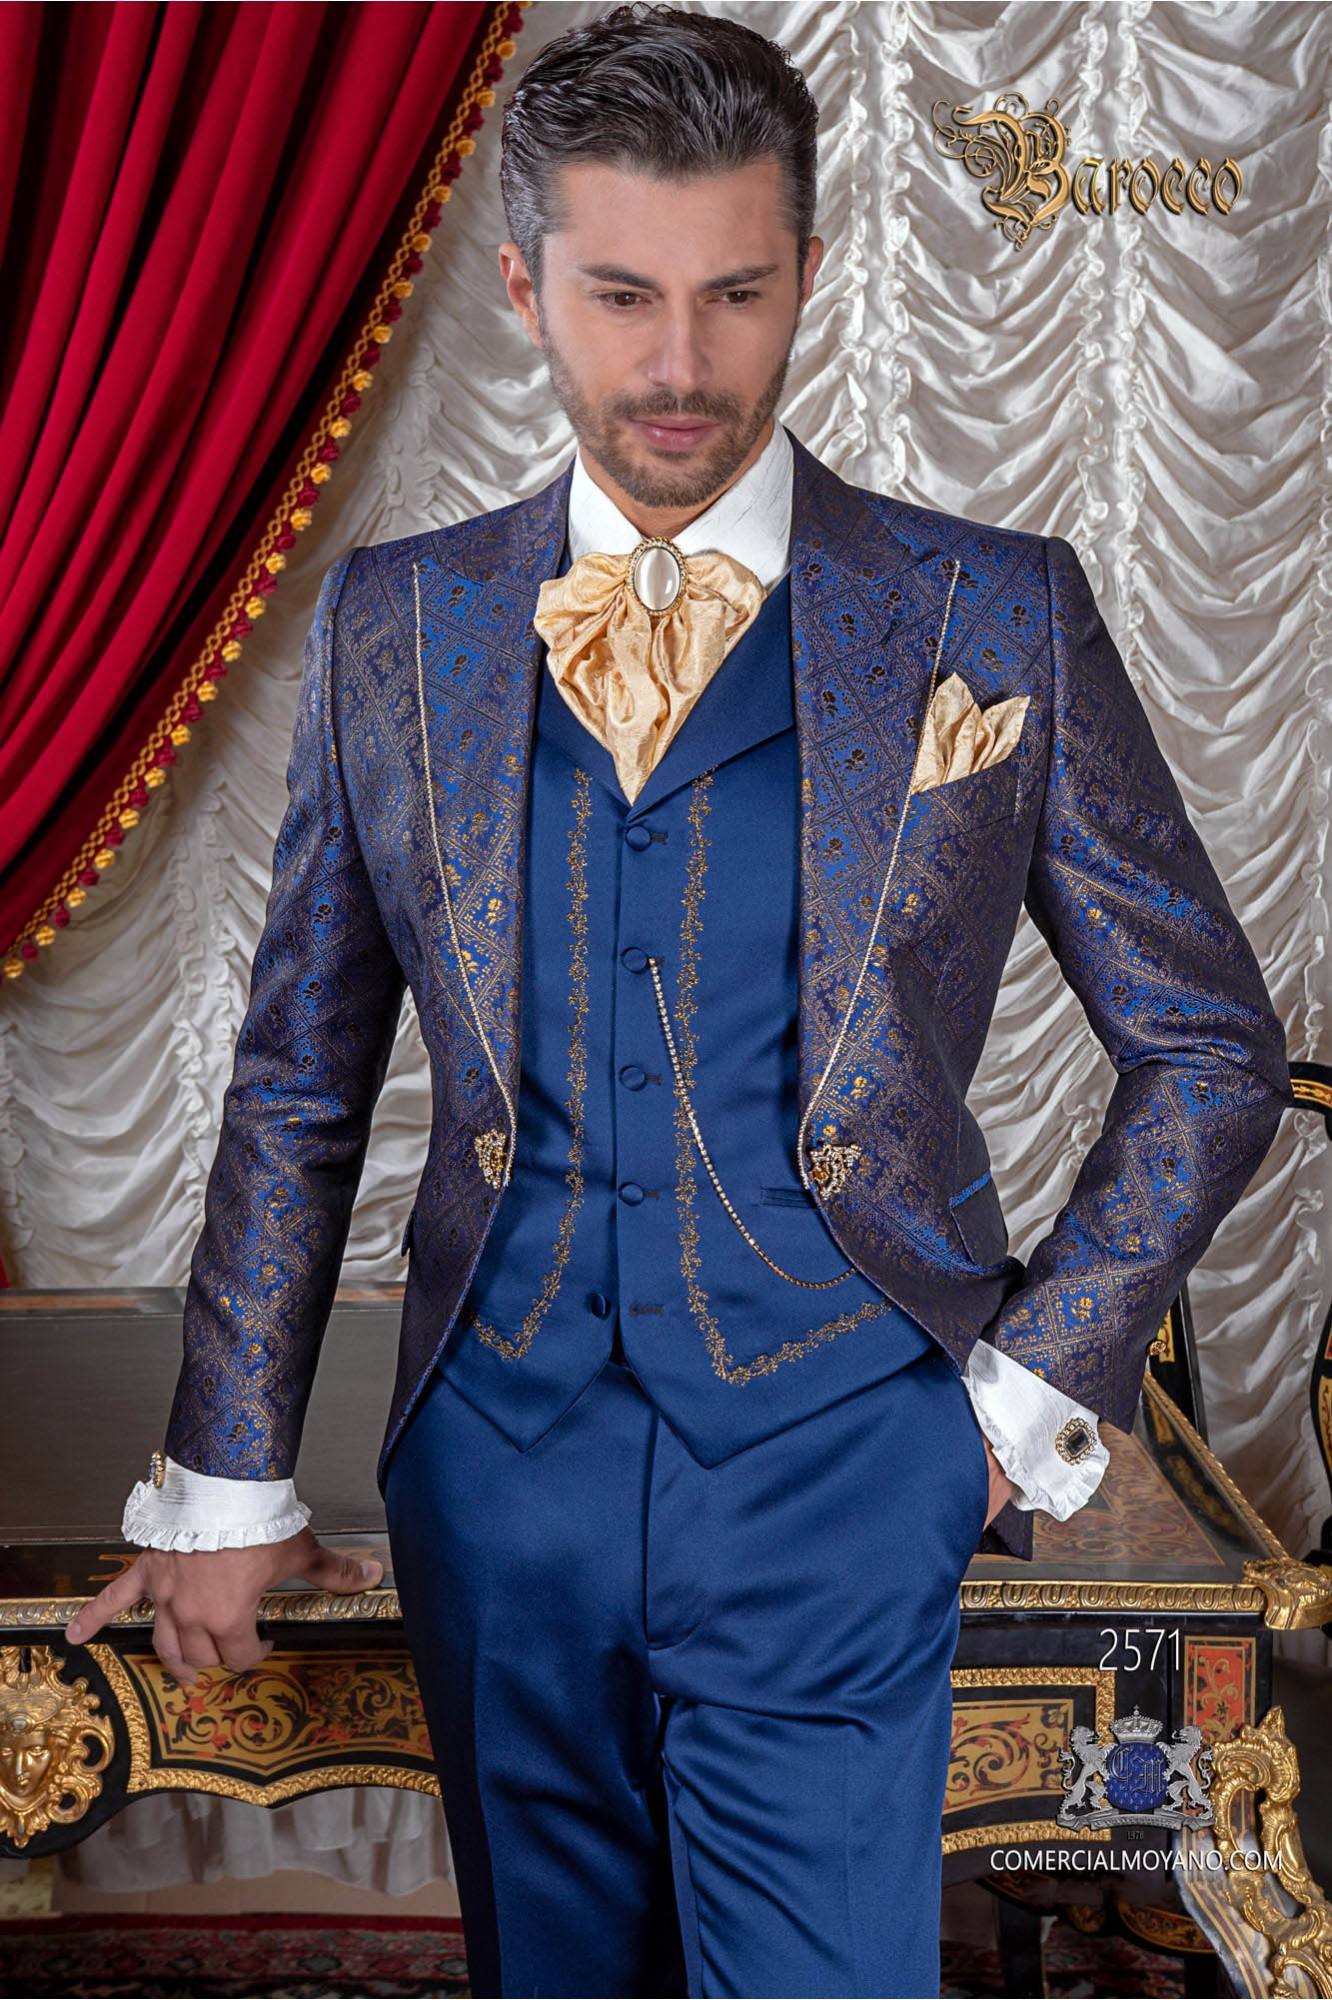 Traje de época brocado azul y oro modelo redingote